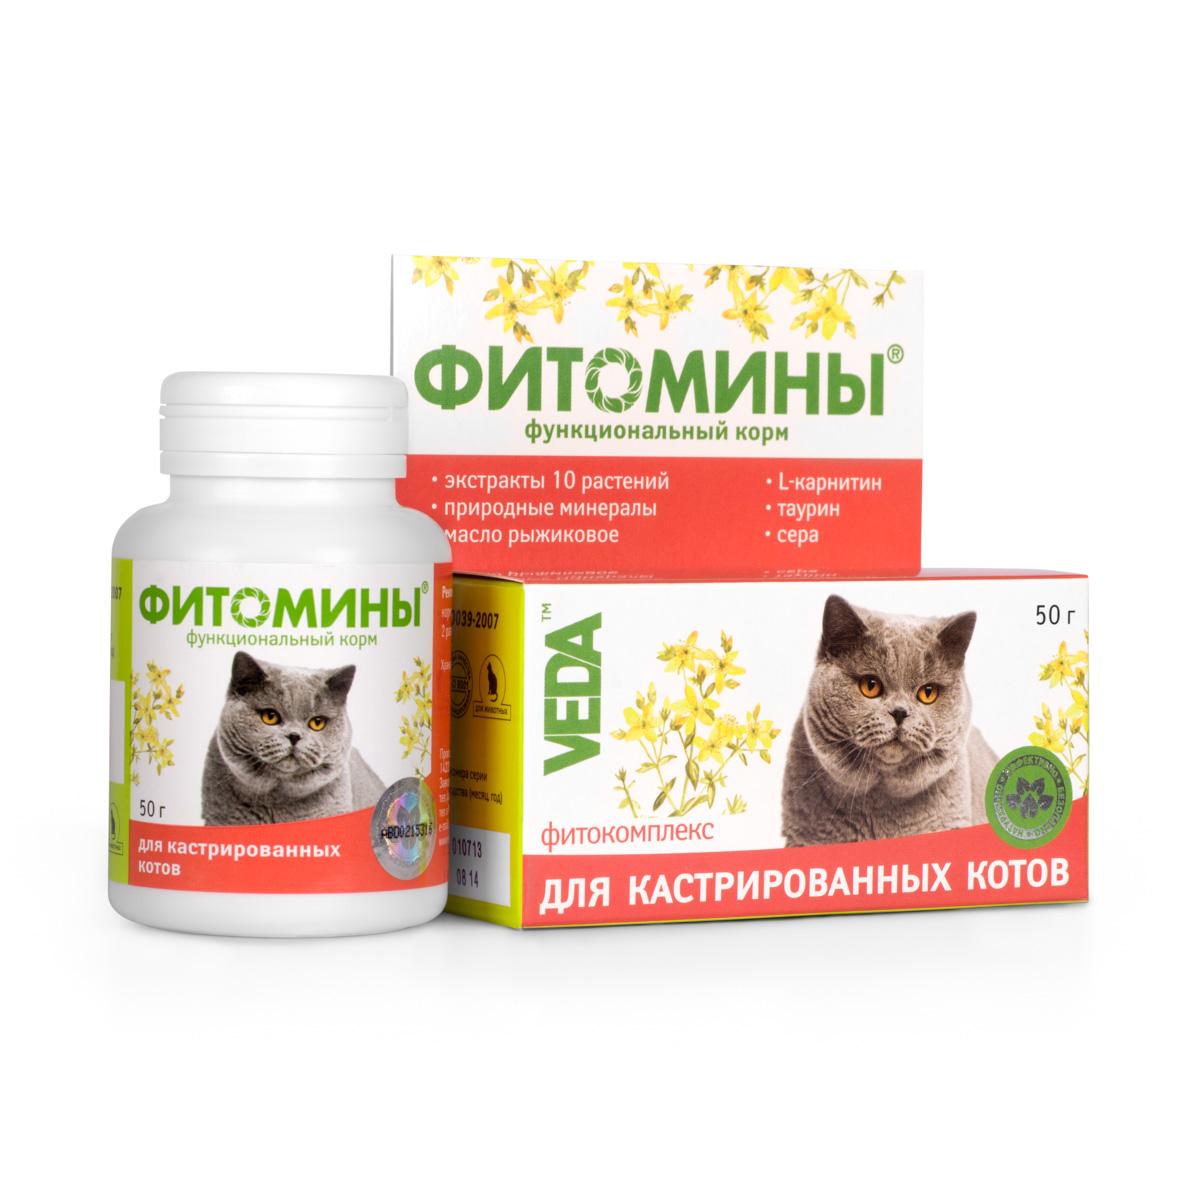 Корм VEDA Фитомины для кастрированных котов, функциональный, 50 г4605543005831Корм функциональный VEDA Фитомины рекомендуется кастрированным котам и стерилизованным кошкам:- для укрепления здоровья и улучшения качества жизни; - для снижения риска развития мочекаменной болезни и ожирения.Состав: лактоза; крахмал; дрожжи пивные; фитокомплекс: листьев березы, створок фасоли, листьев подорожника большого, травы душицы, корней одуванчика, травы тысячелистника, цветков ноготков, травы зверобоя, цветков лабазника вязолистного, листьев мяты перечной; природный минеральный комплекс; паровая рыбная мука; стеарат кальция; масло рыжиковое; L-карнитин; таурин; сера. Товар сертифицирован.